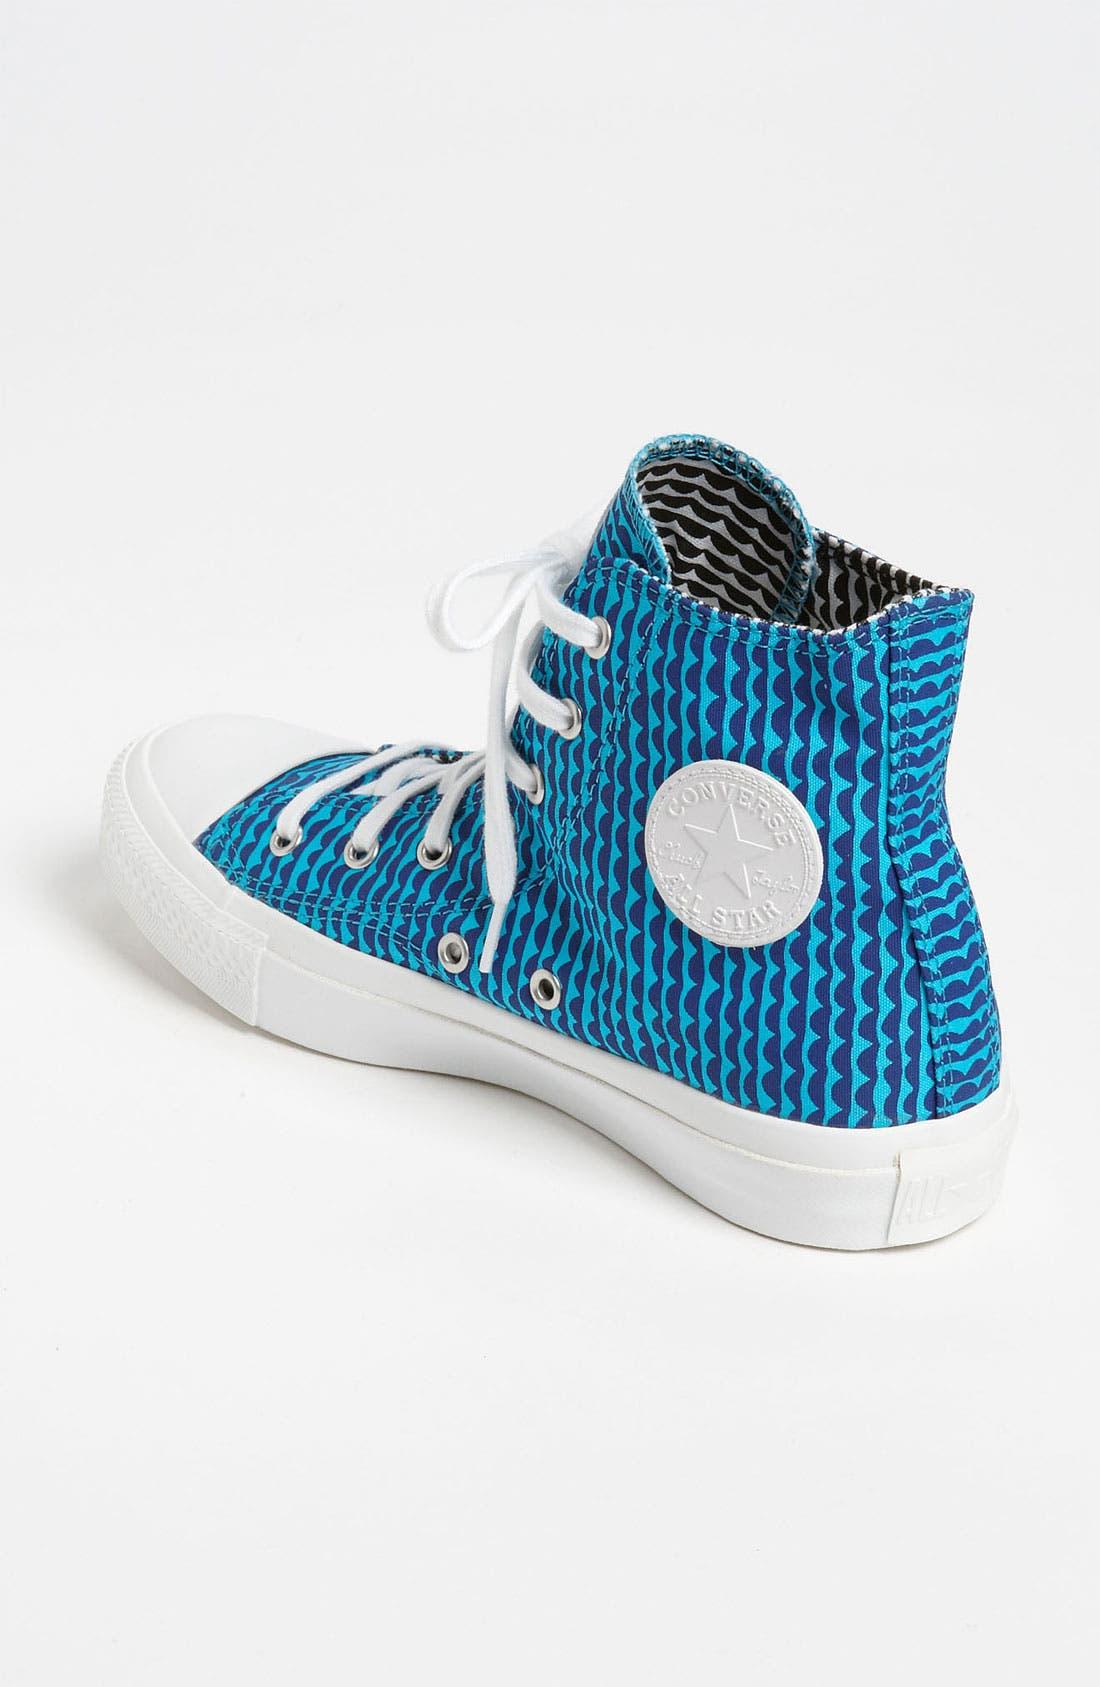 Alternate Image 2  - Converse Chuck Taylor® All Star® 'Marimekko' High Top Sneaker (Women)